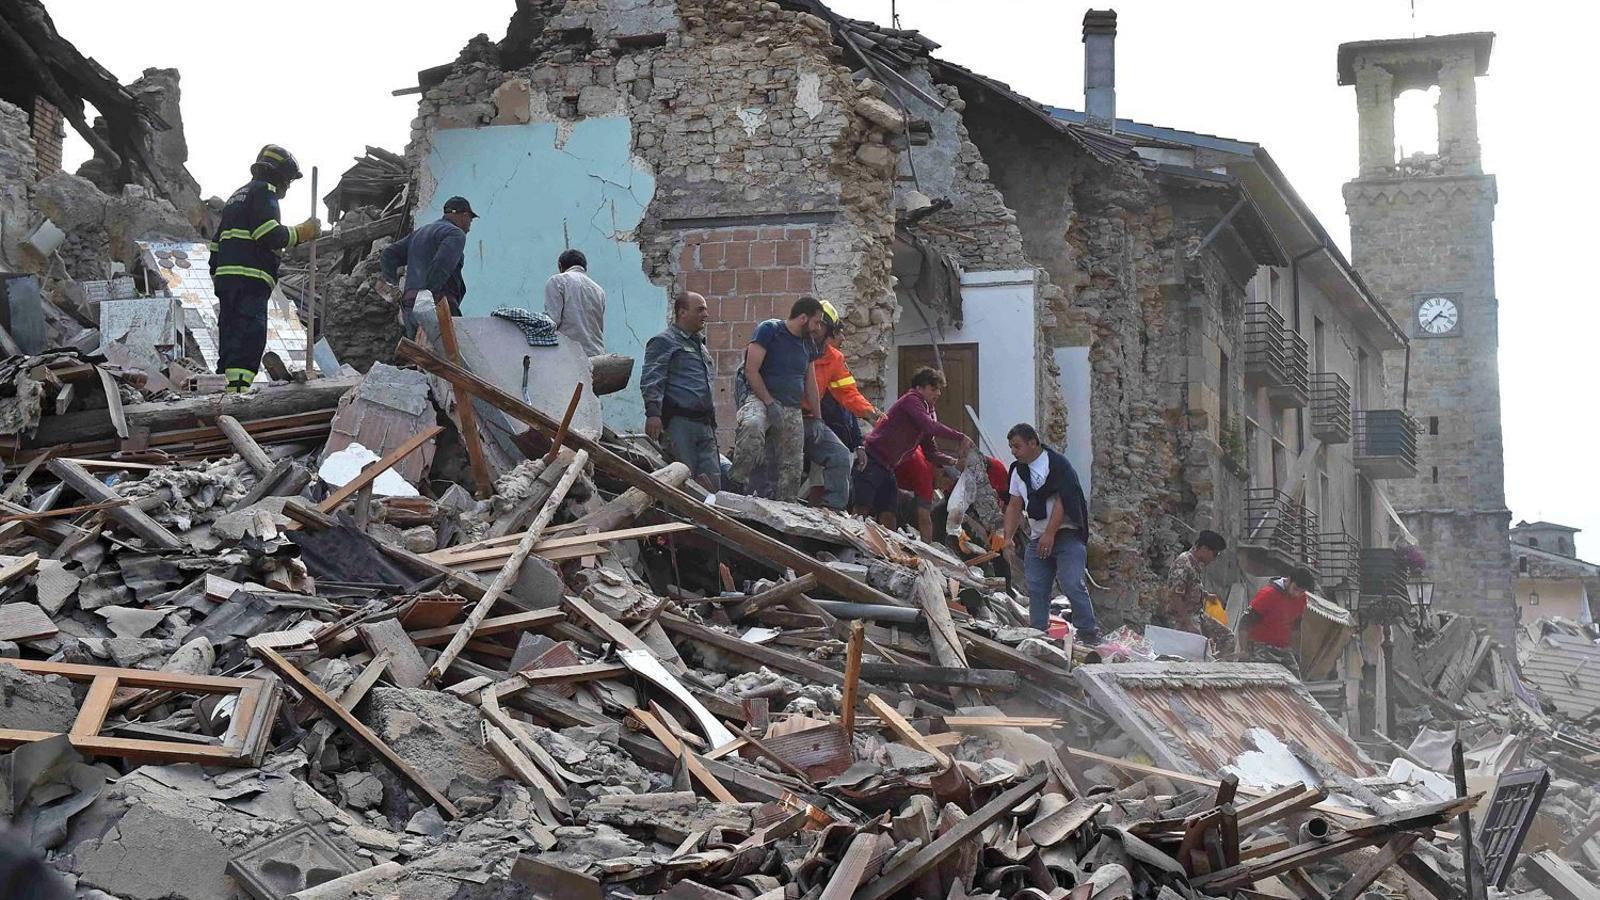 Bombers i voluntaris ajudant en les tasques de rescat de les persones atrapades en les runes del terratrèmol que va sacsejar Amatrice ahir.